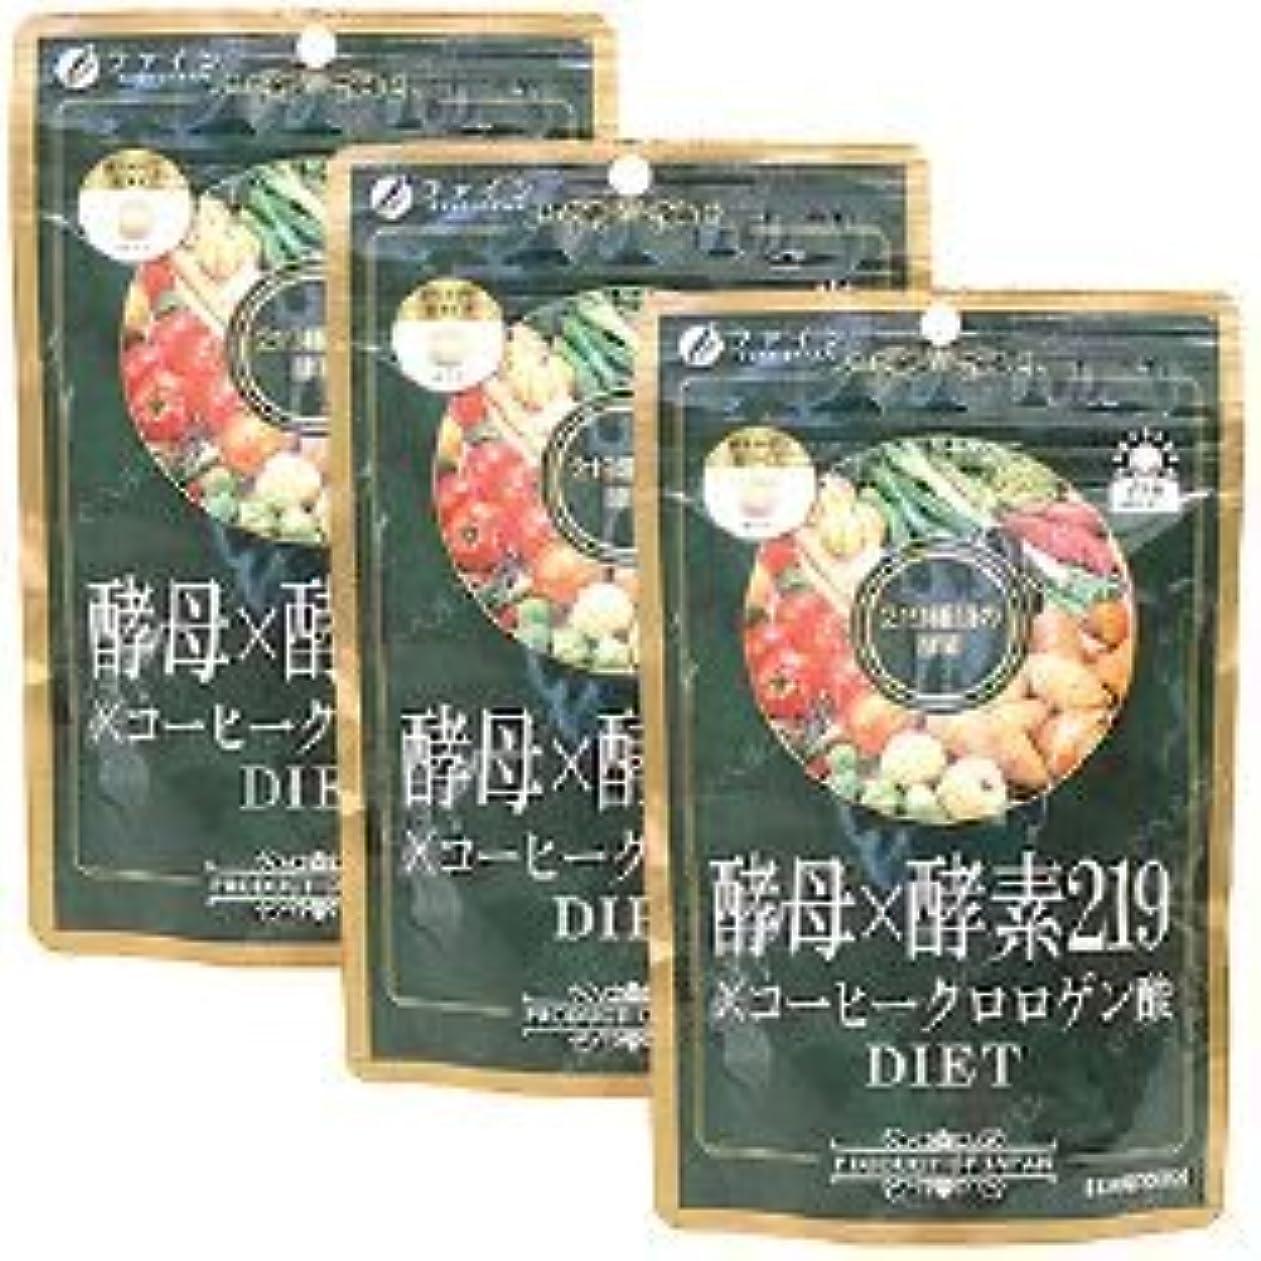 請求土器力強い酵母×酵素219×コーヒークロロゲン酸ダイエット 粒タイプ【3箱セット】ファイン